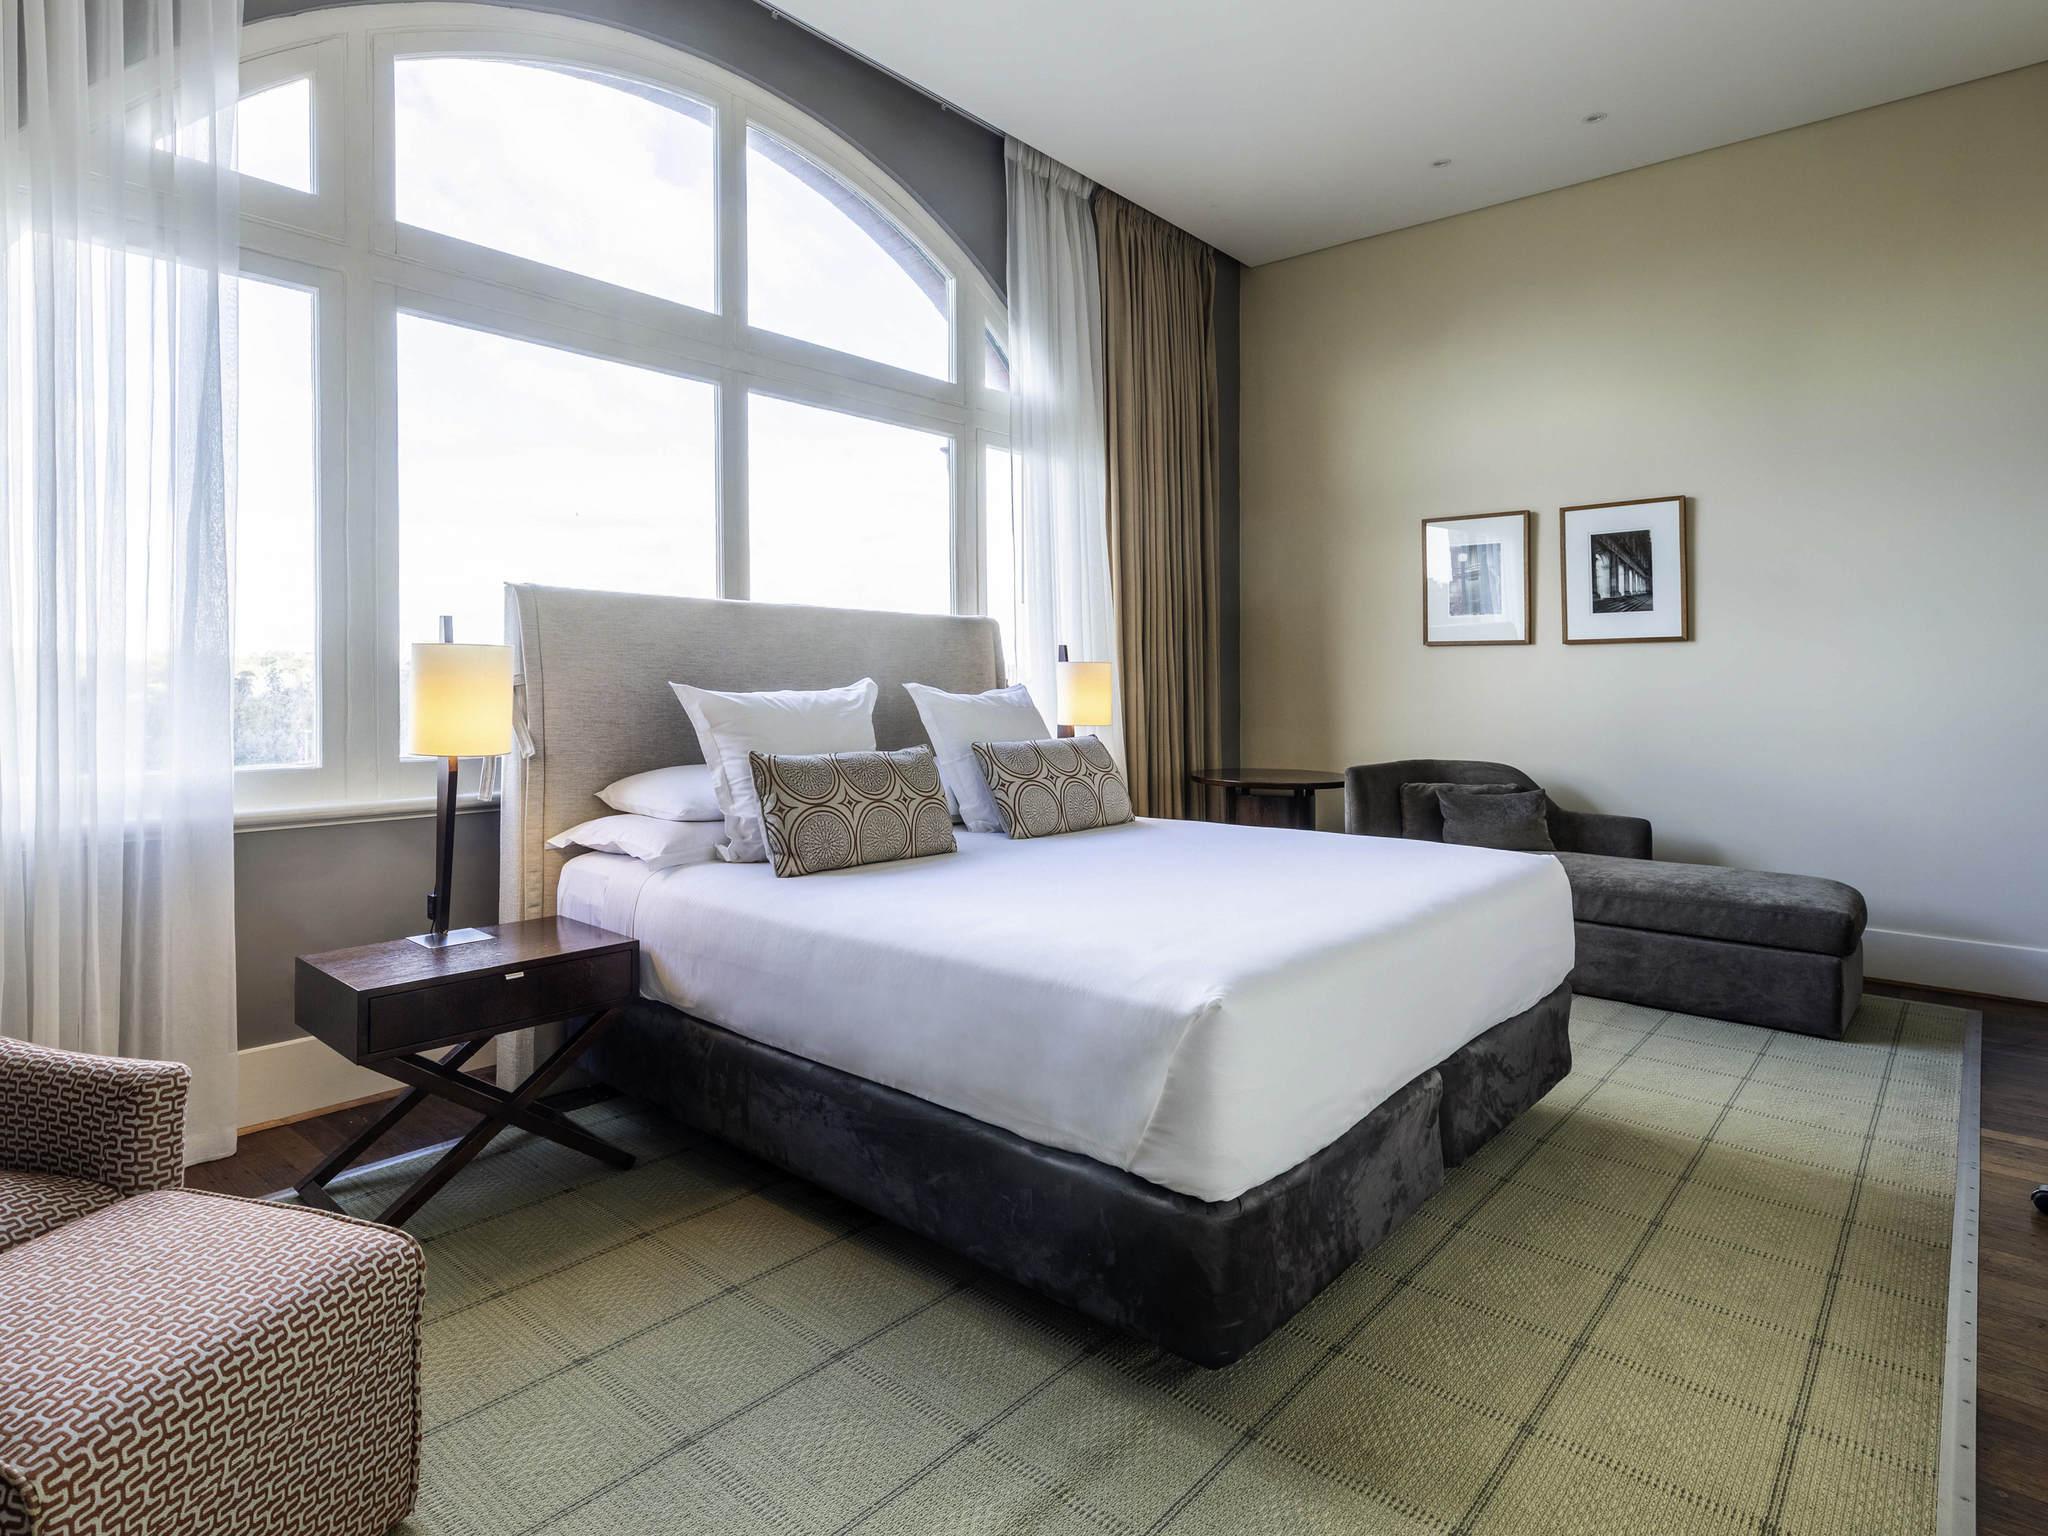 โรงแรม – โฮเทลลินดรัม เมลเบิร์น - เอ็มแกลเลอรี บาย โซฟิเทล